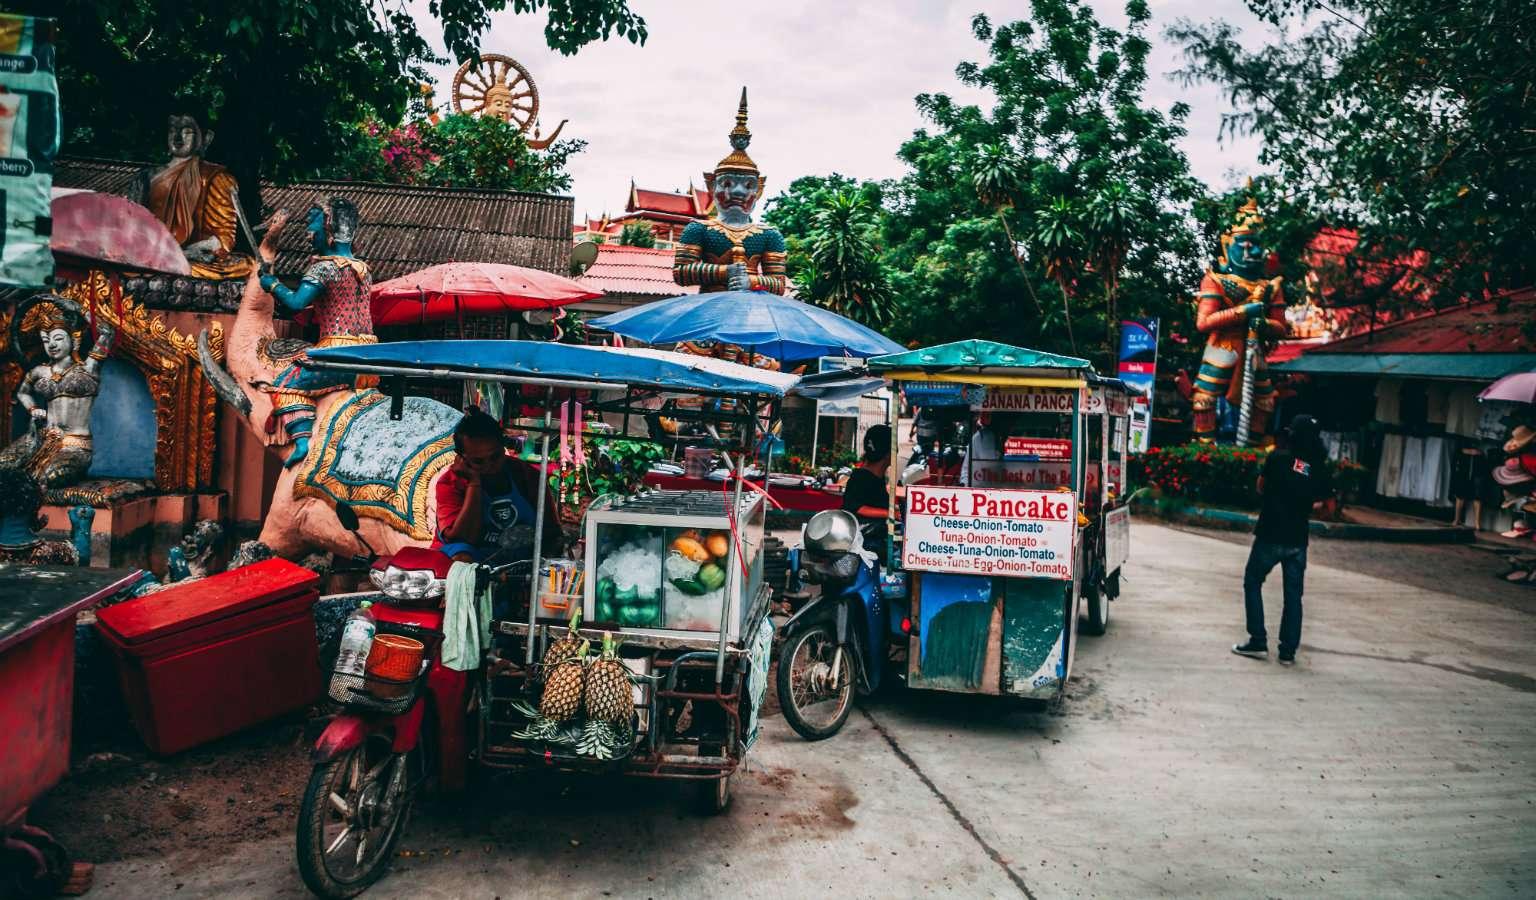 Kleine verrijdbare winkeltjes met Pad Thai en fruit bij de Markt van de Big Buddha